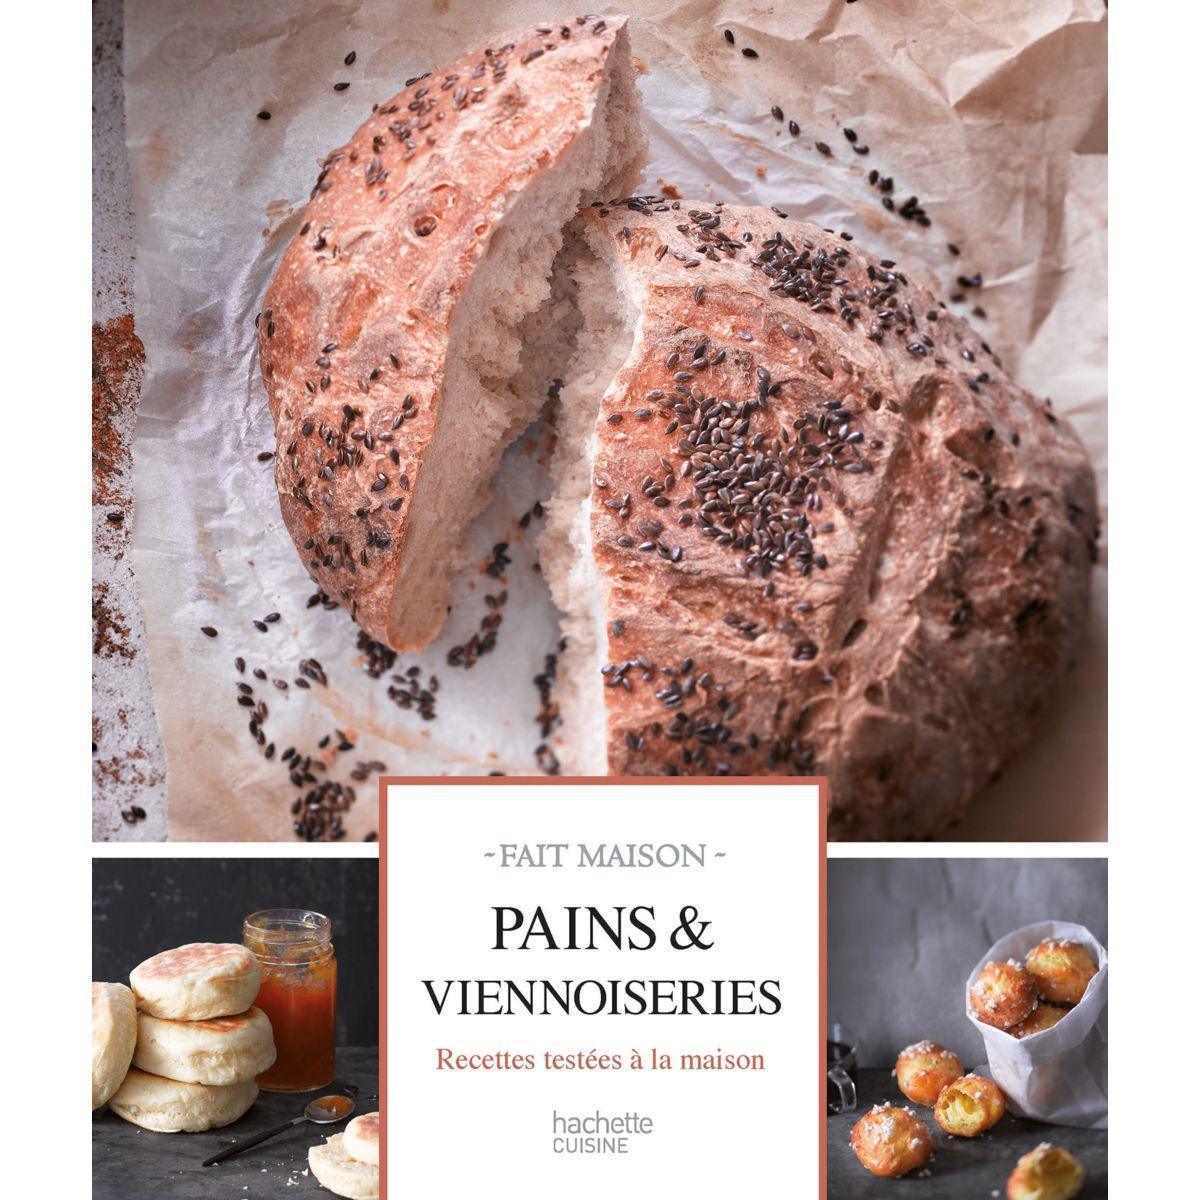 Livre hachette pains et viennoiseries - la sélection webdistrib.com (photo)